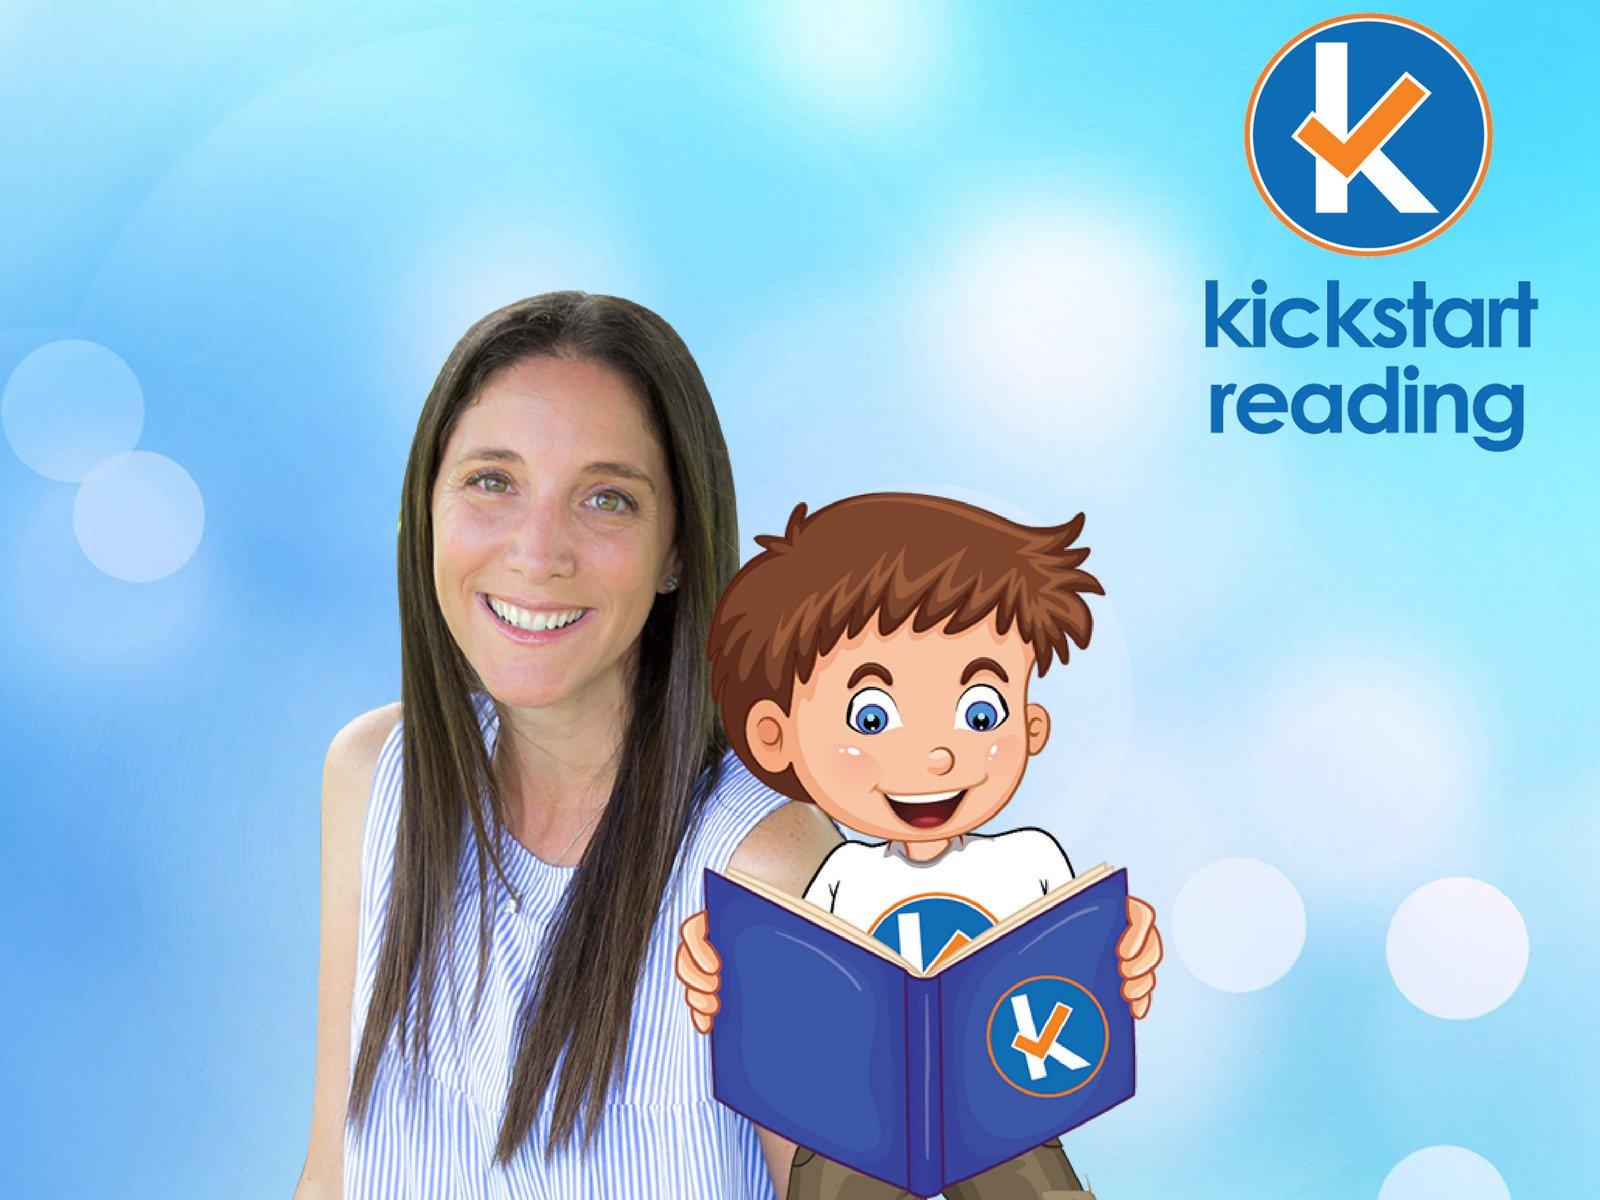 kickstart reading - Season 1